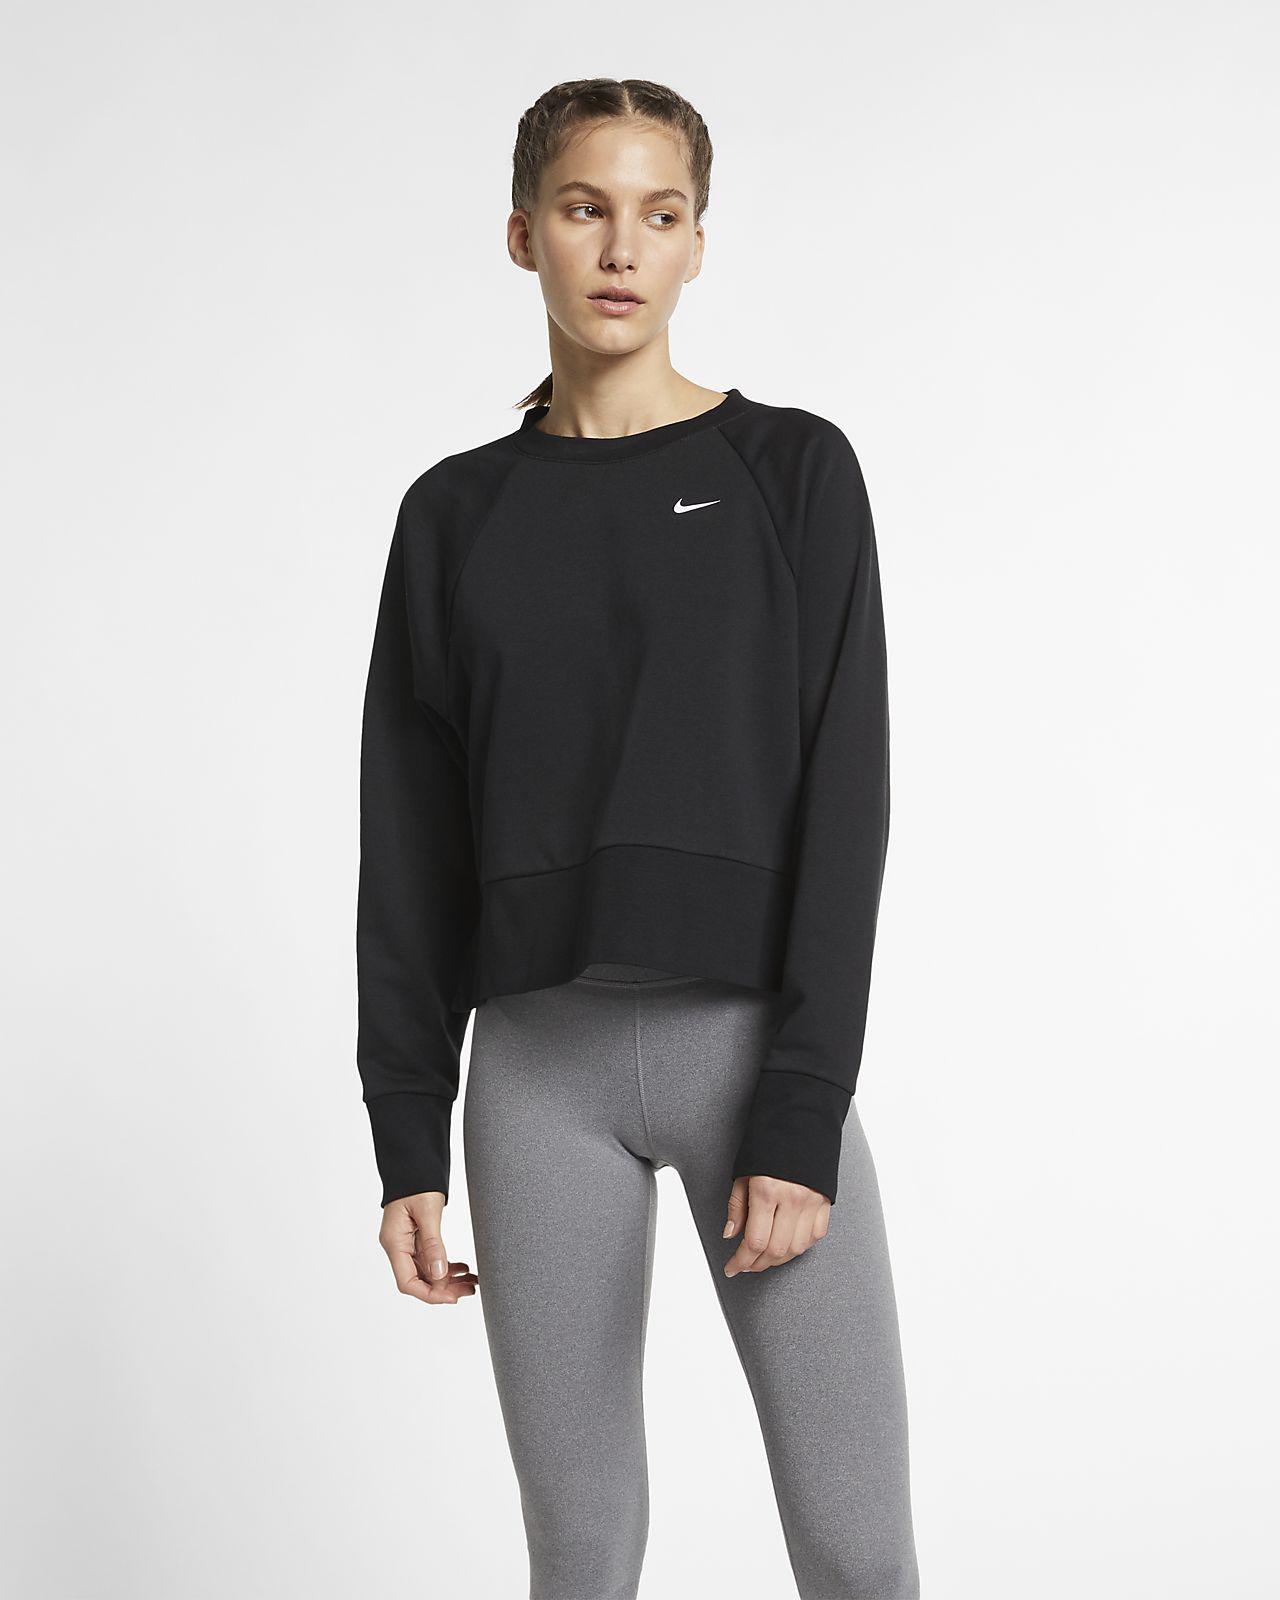 Prenda para la parte superior de entrenamiento de yoga de manga larga para mujer Nike Dri-FIT